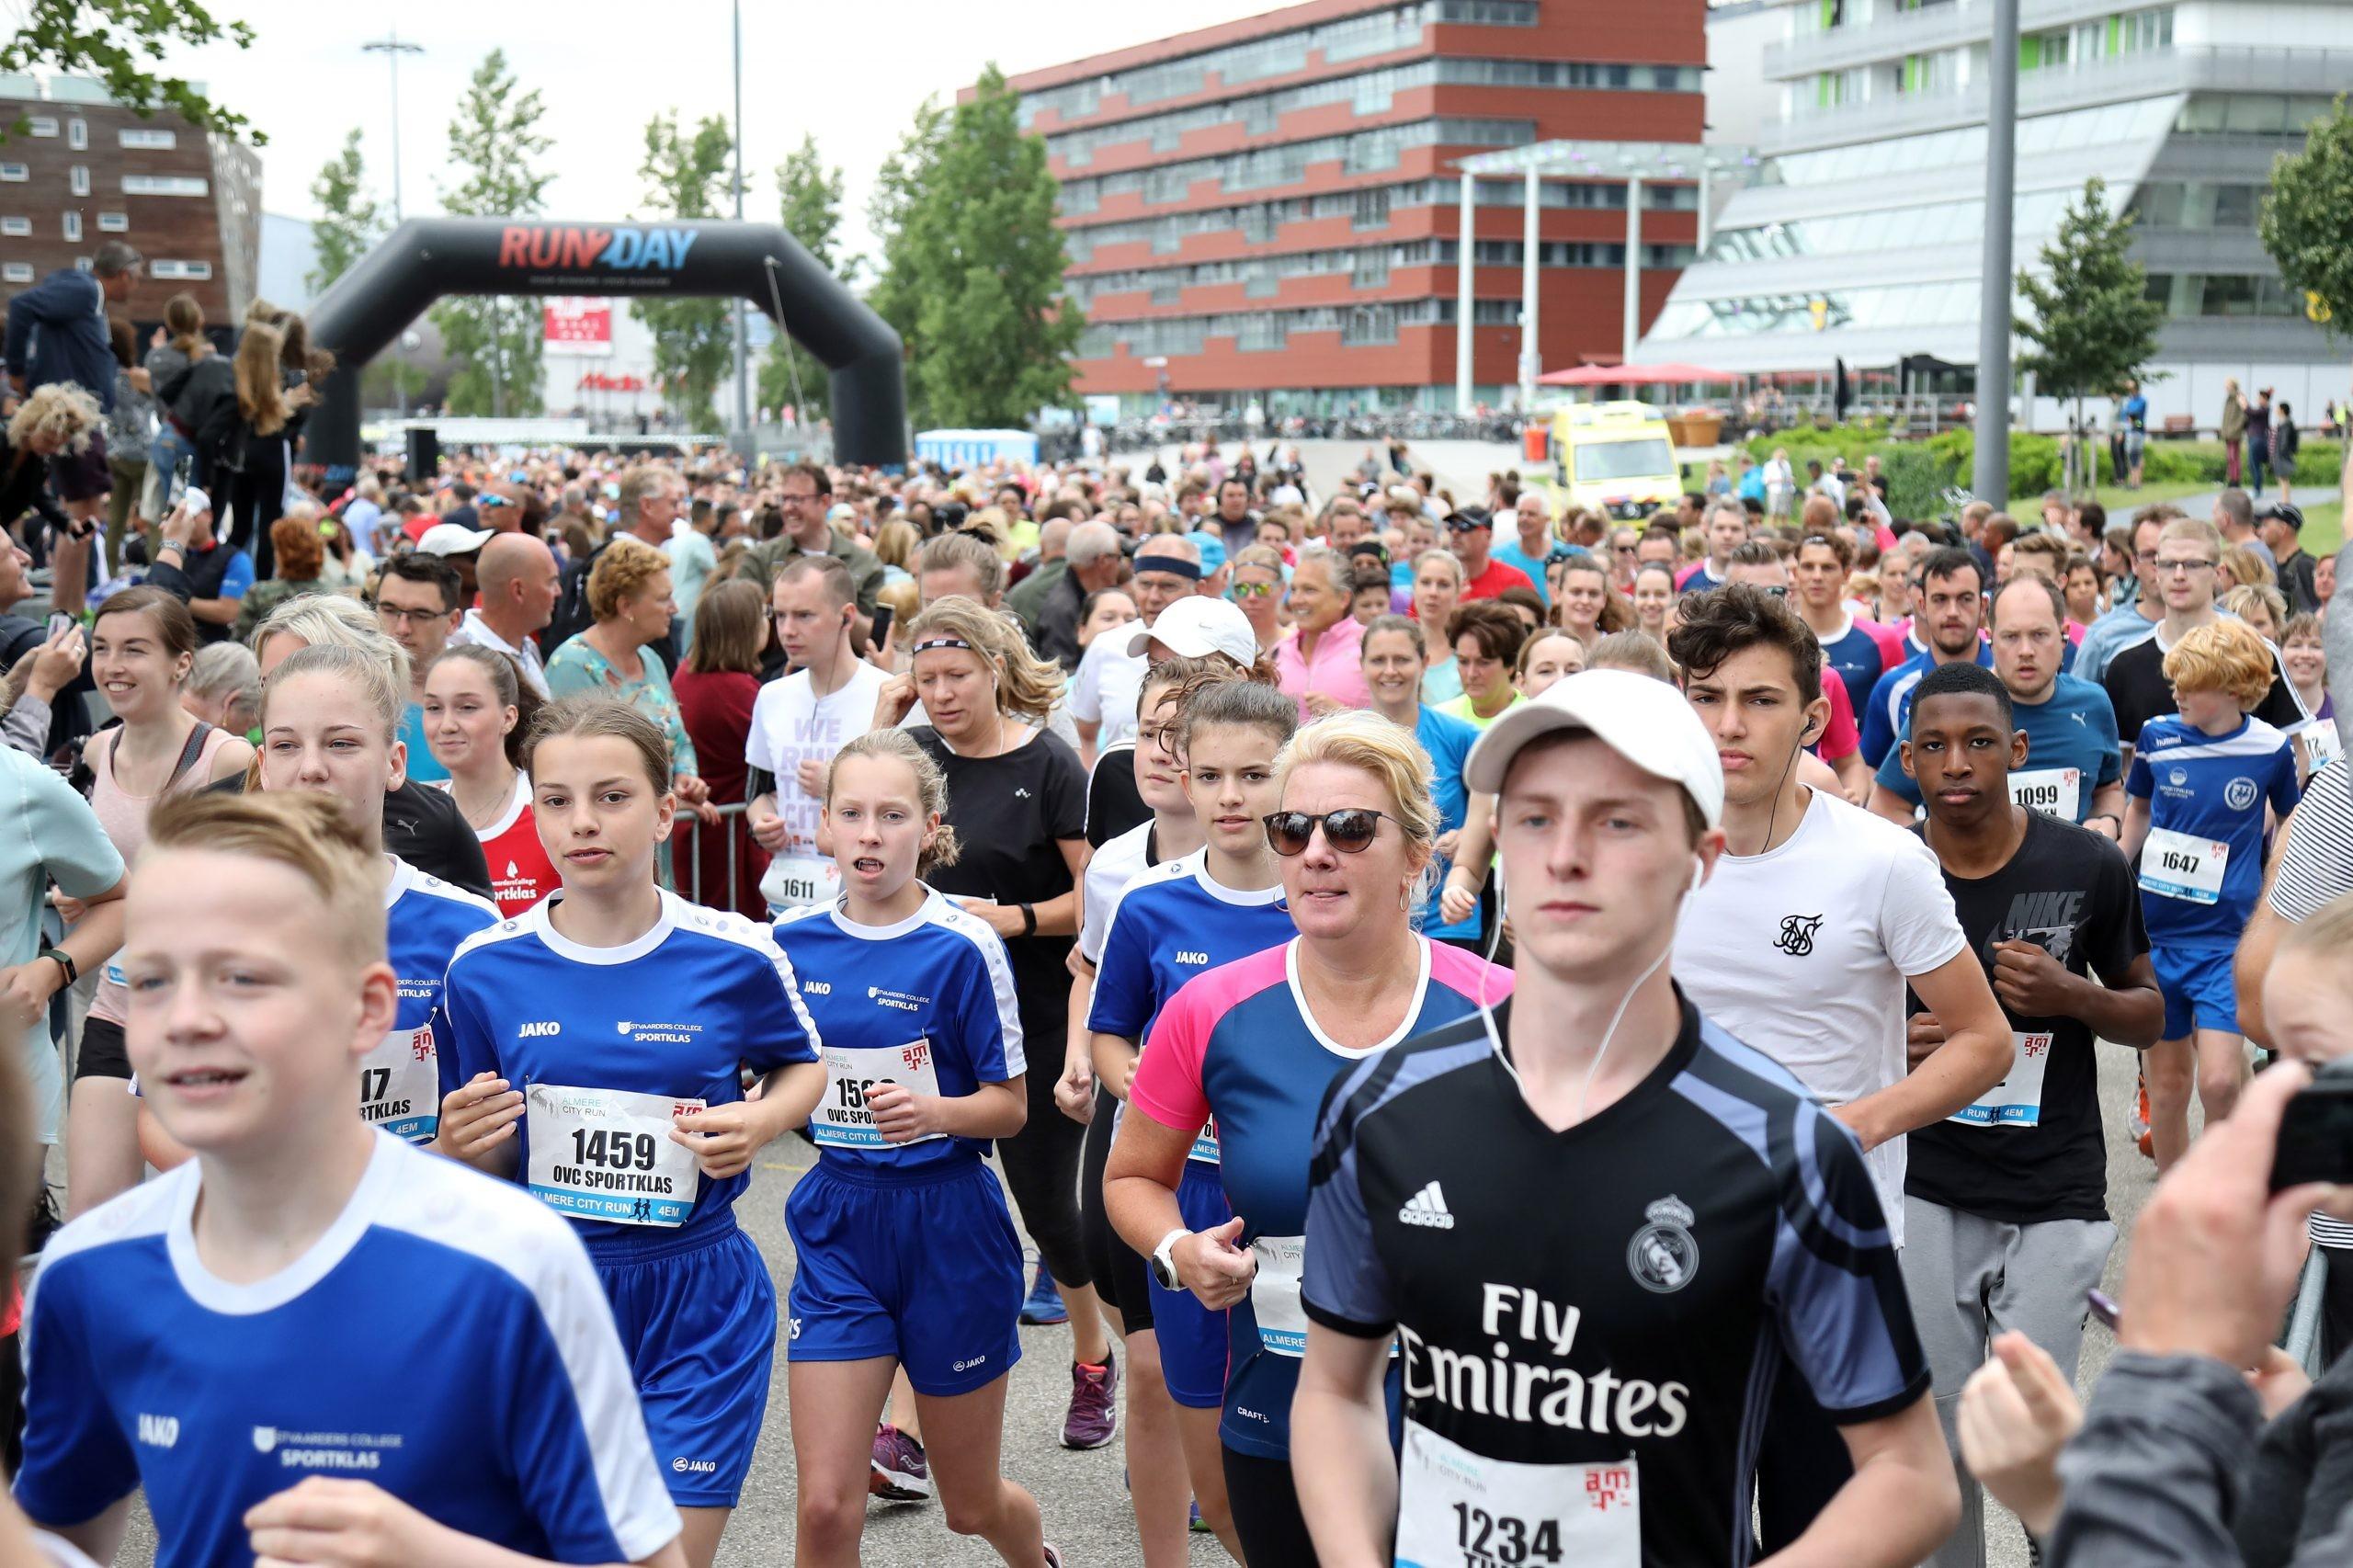 16-06-2019: ADW: City run Almere 2019